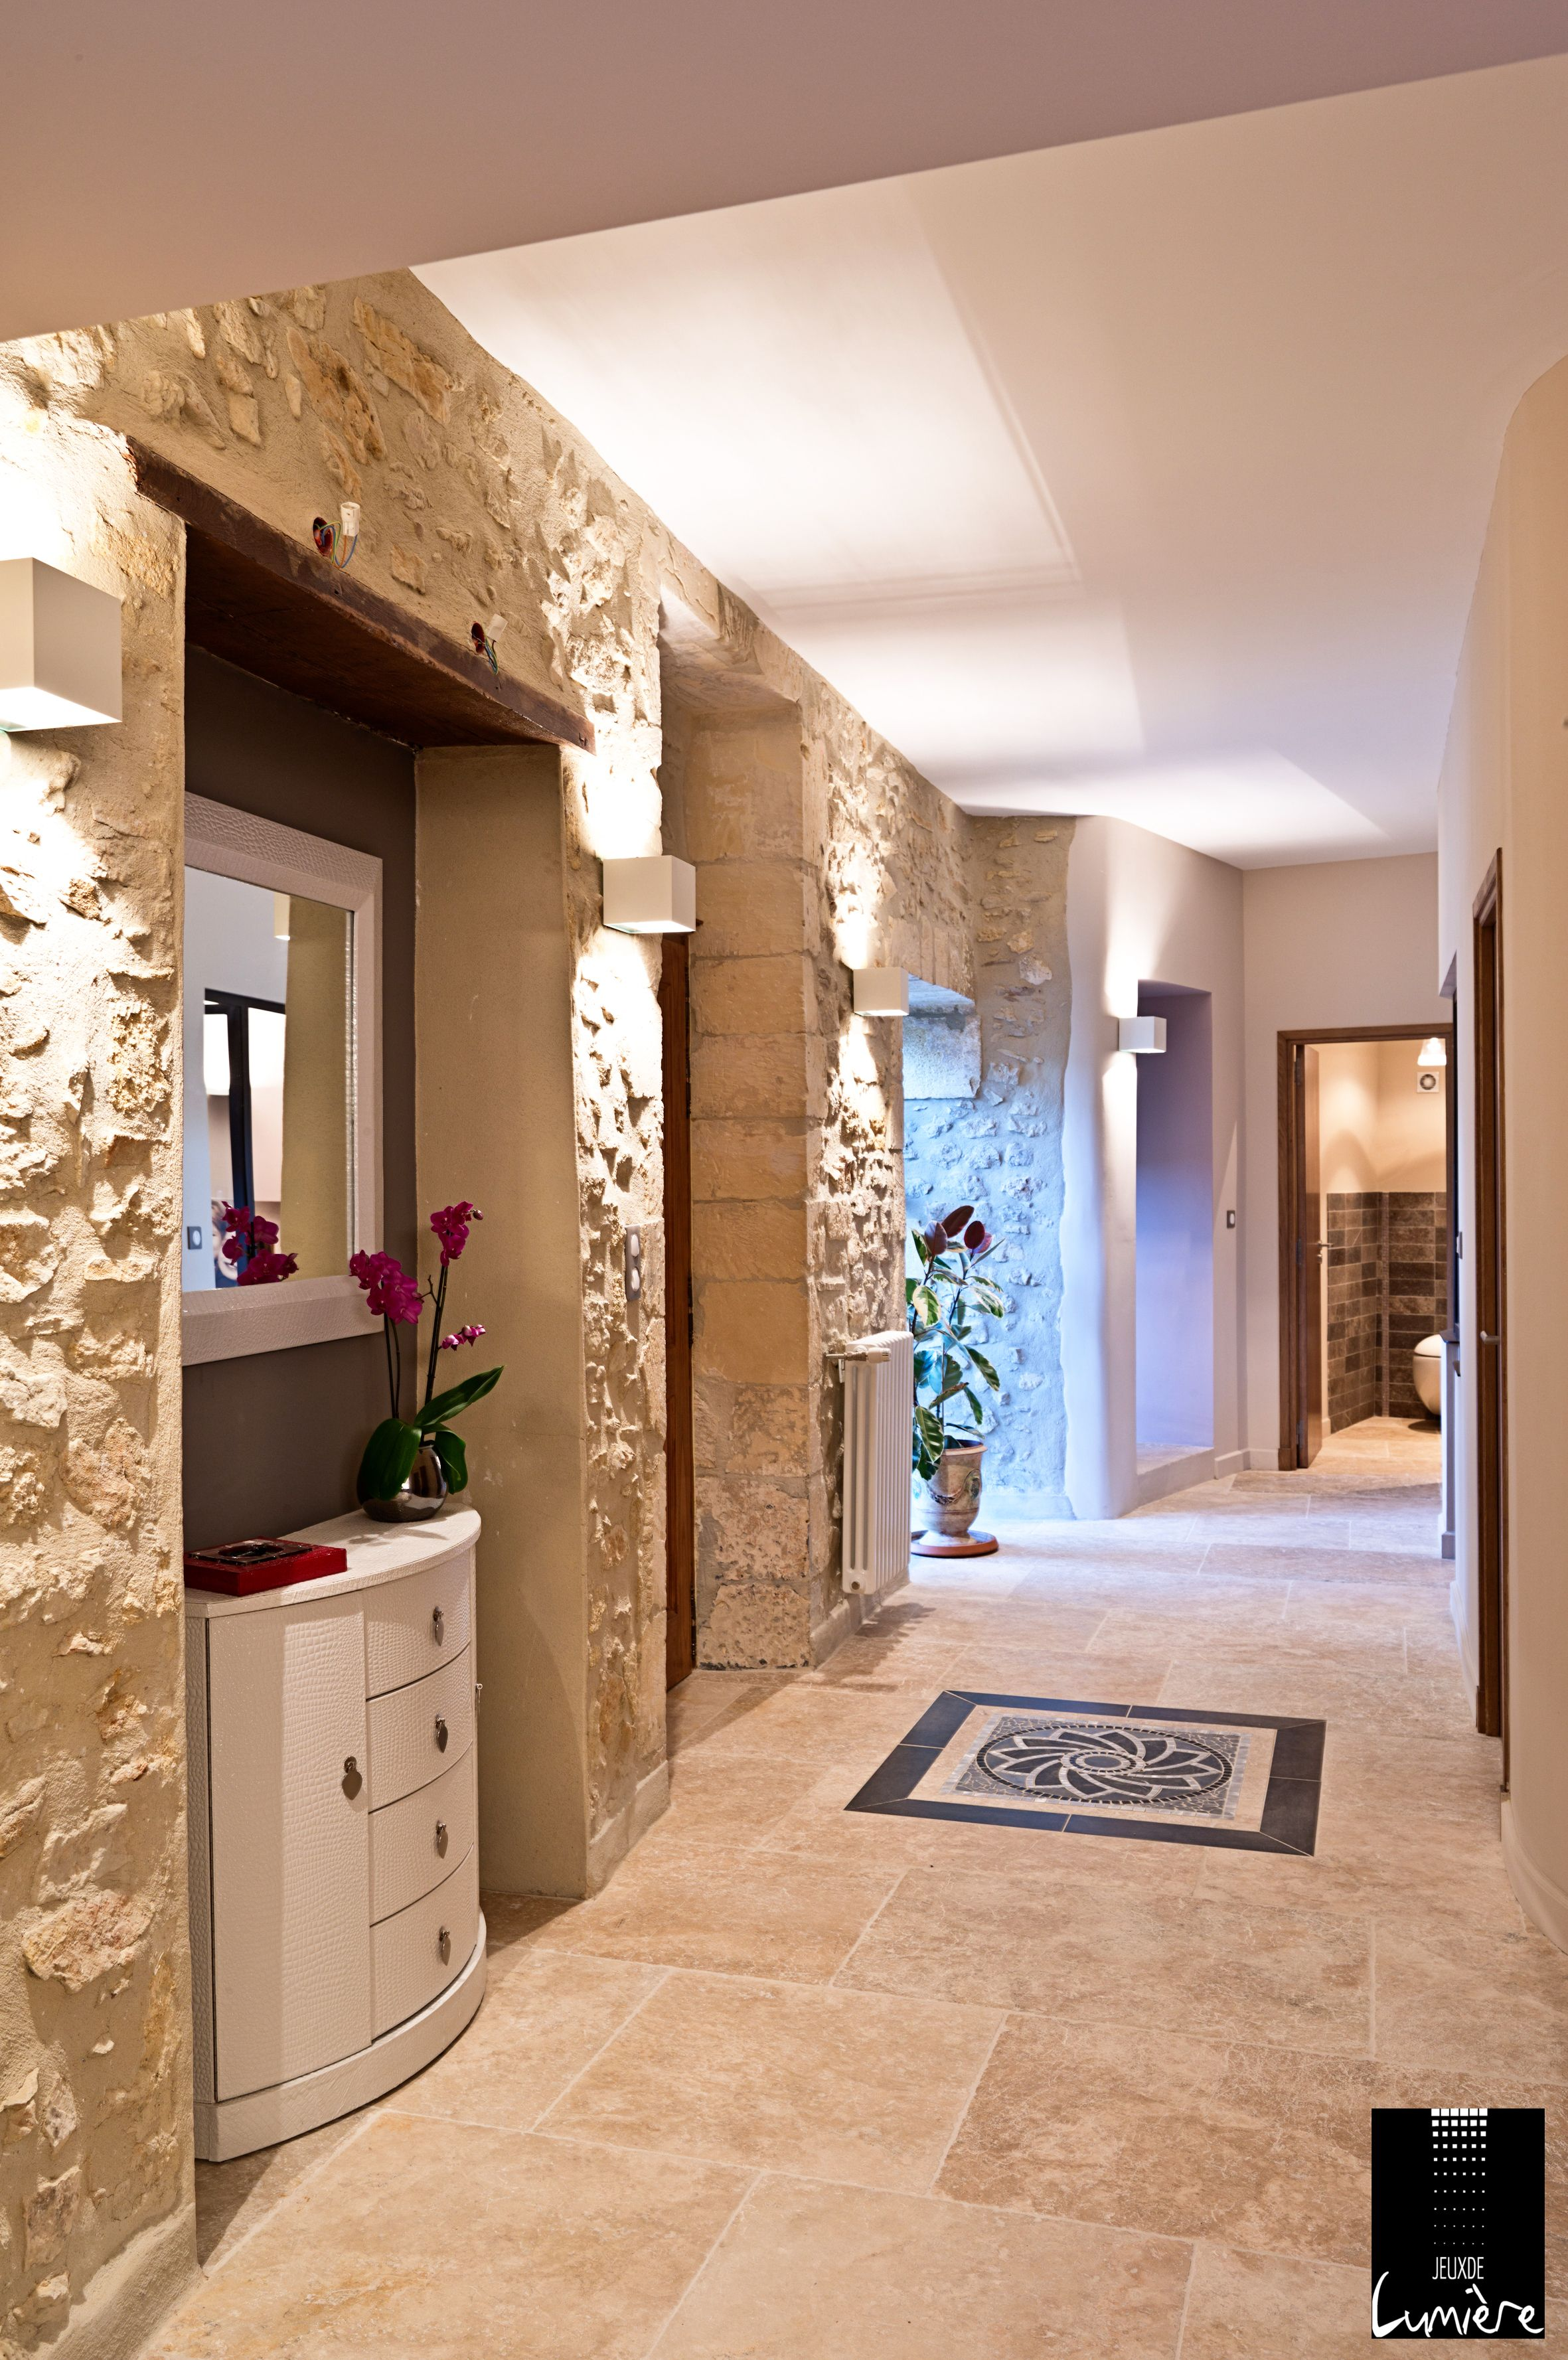 Mur En Pierre Interieur Beige mise en valeur des murs en pierre avec des appliques carrées